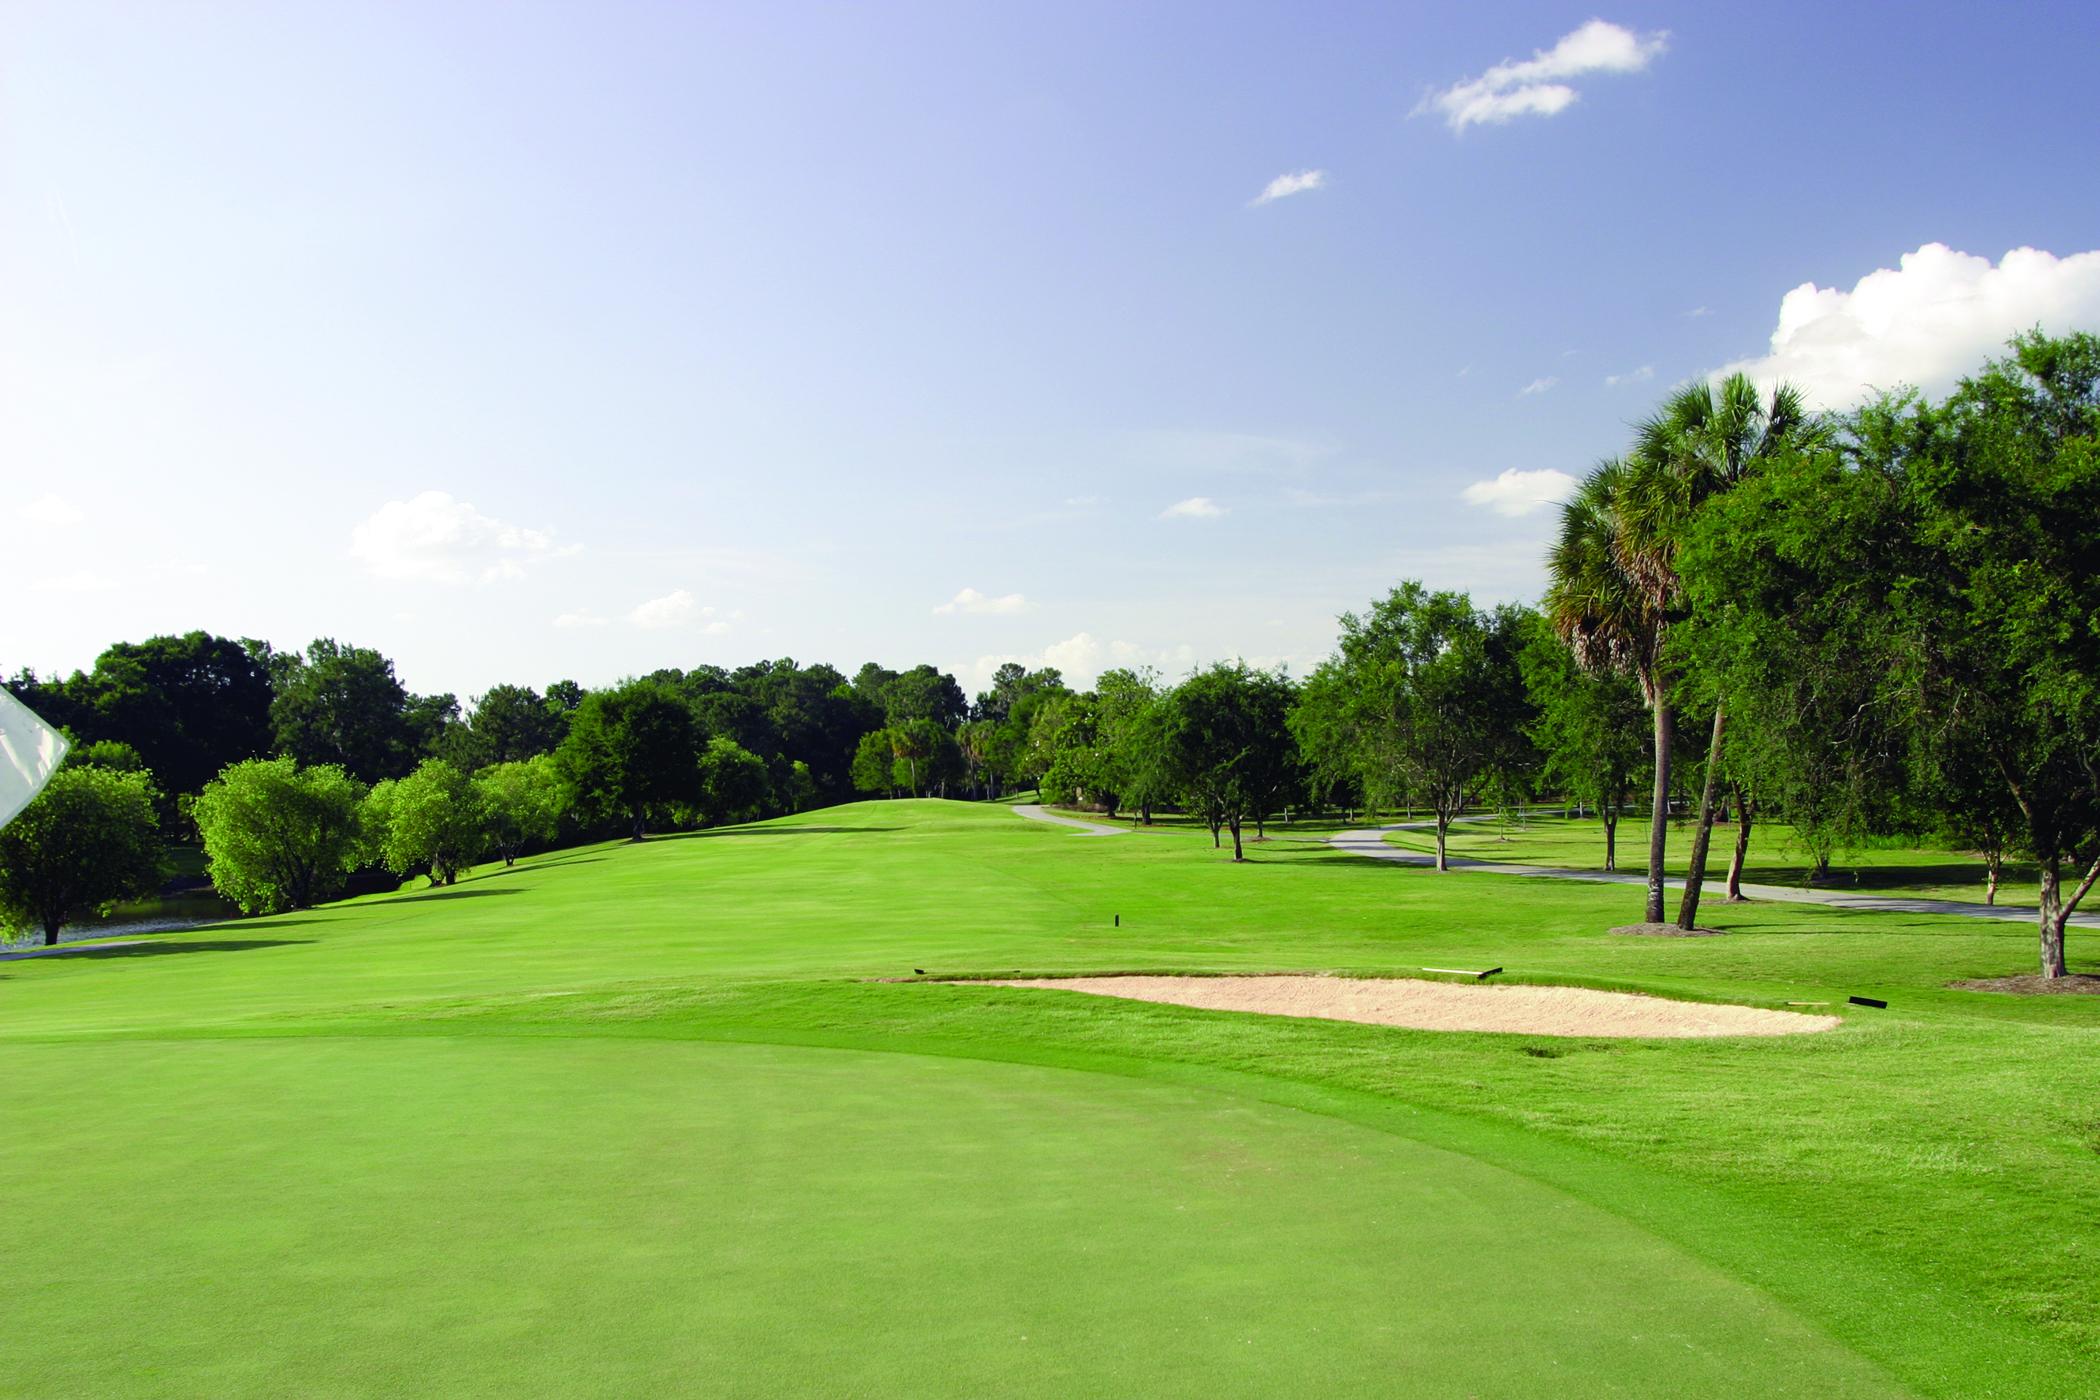 The Lone Palm Golf Club